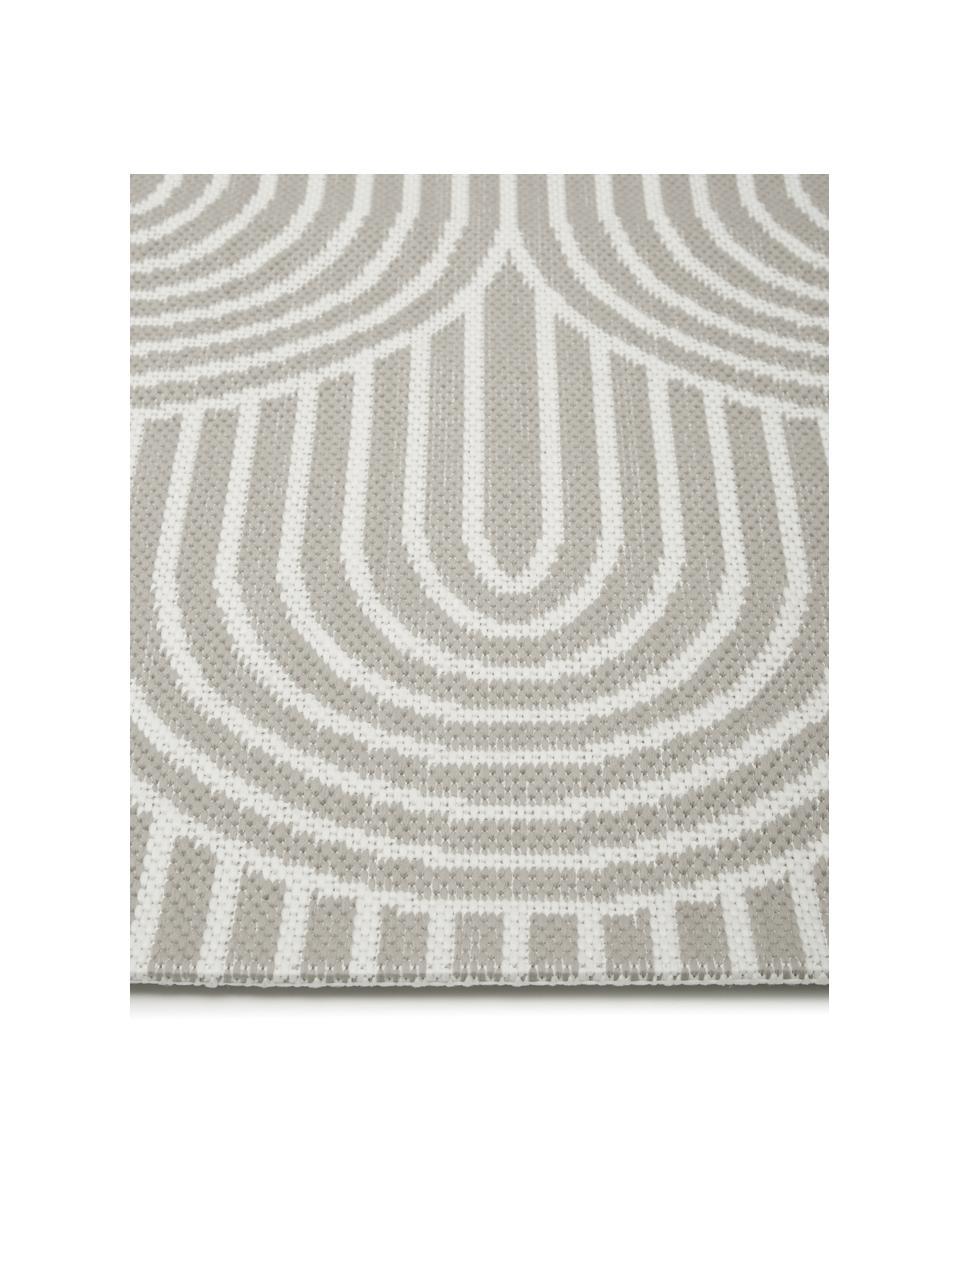 Passatoia da interno-esterno grigio/bianco crema Arches, 86% polipropilene, 14% poliestere, Grigio, bianco, Larg. 80 x Lung. 250 cm